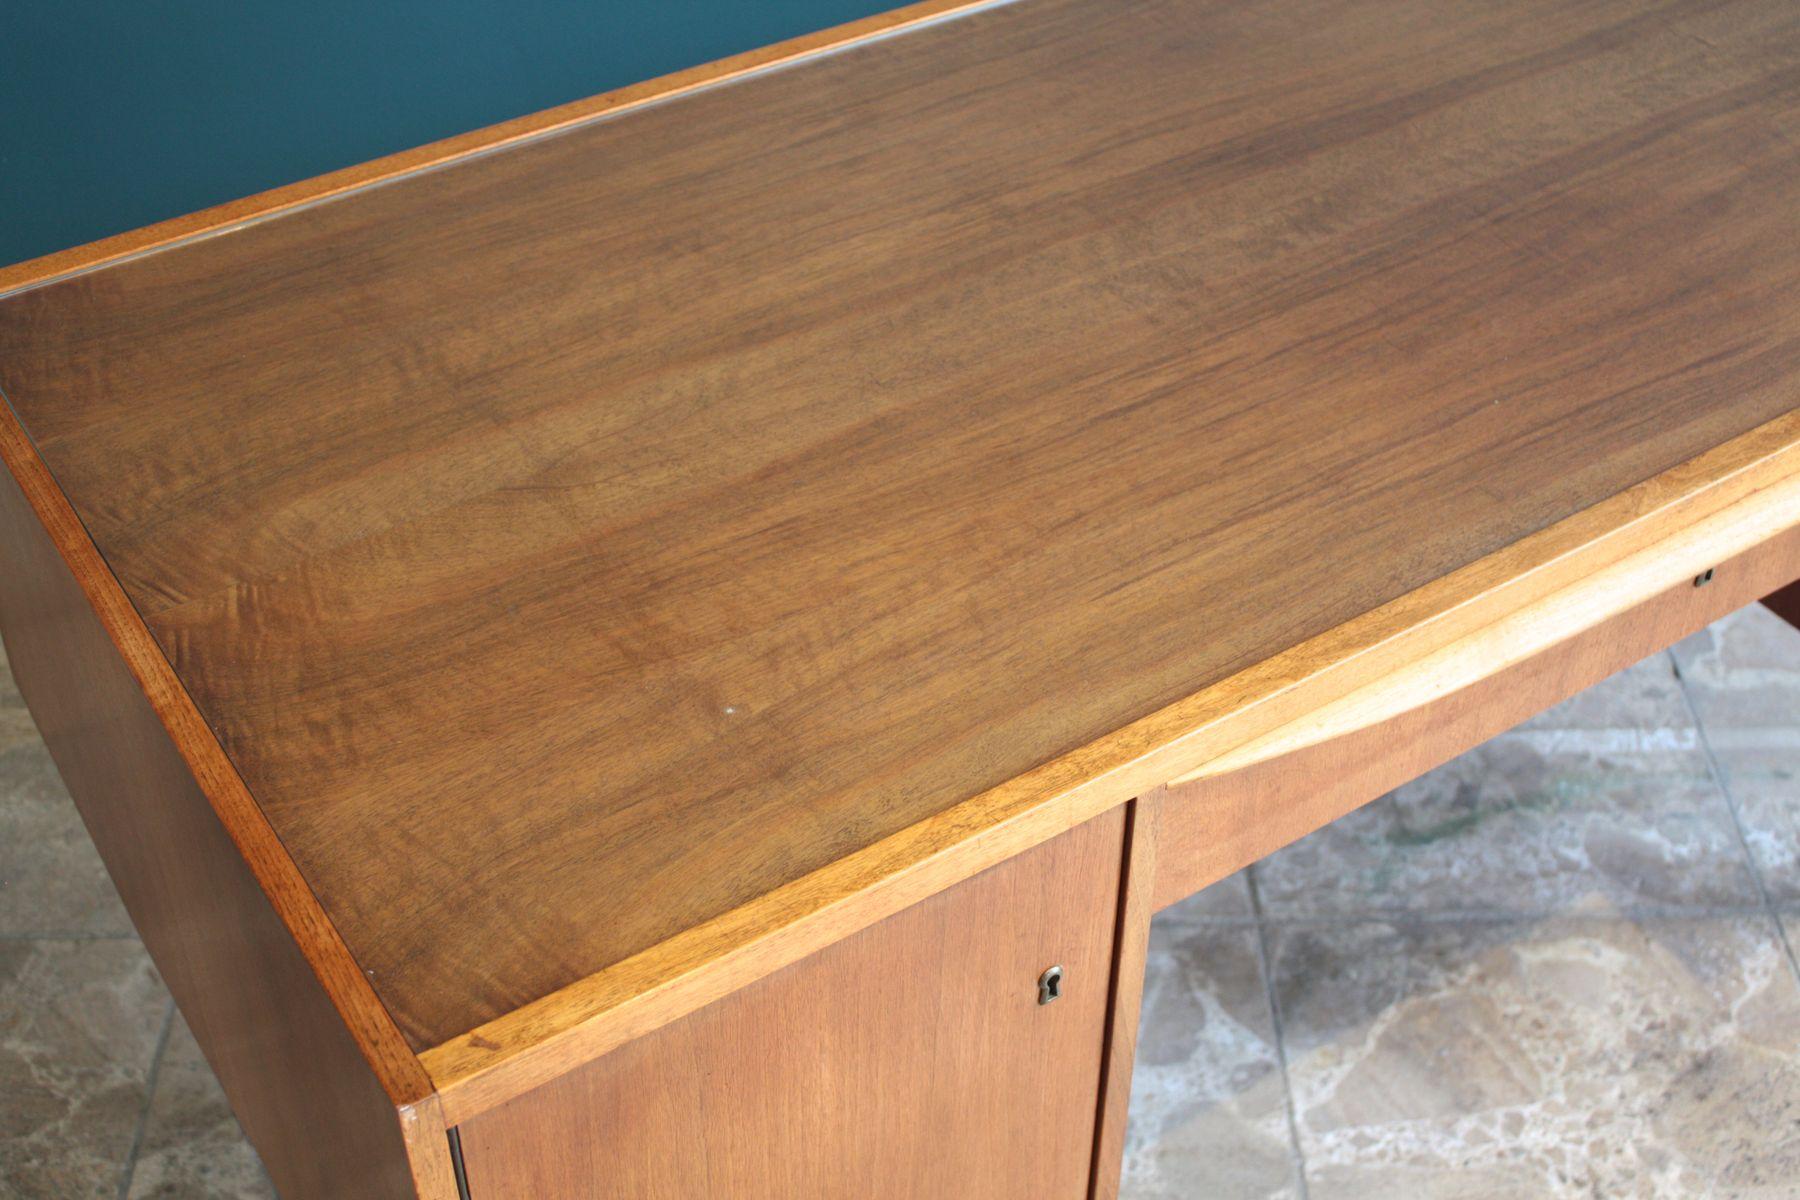 Bureau en bois verre allemagne 1950s en vente sur pamono - Bureau bois verre ...